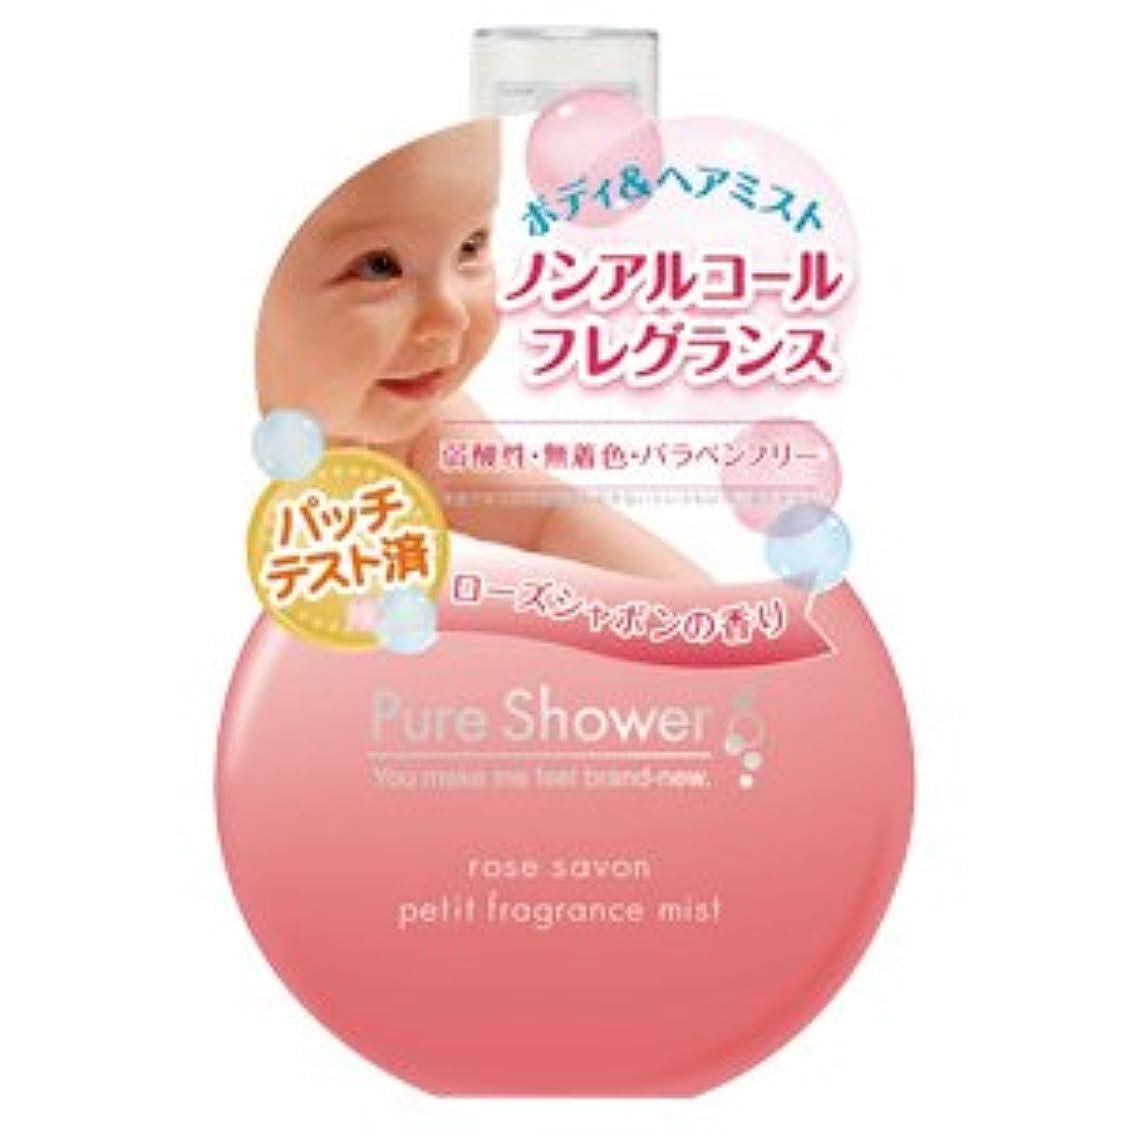 変換するマニアック告白するピュアシャワー Pure Shower ノンアルコール フレグランスミスト ローズシャボン 50ml